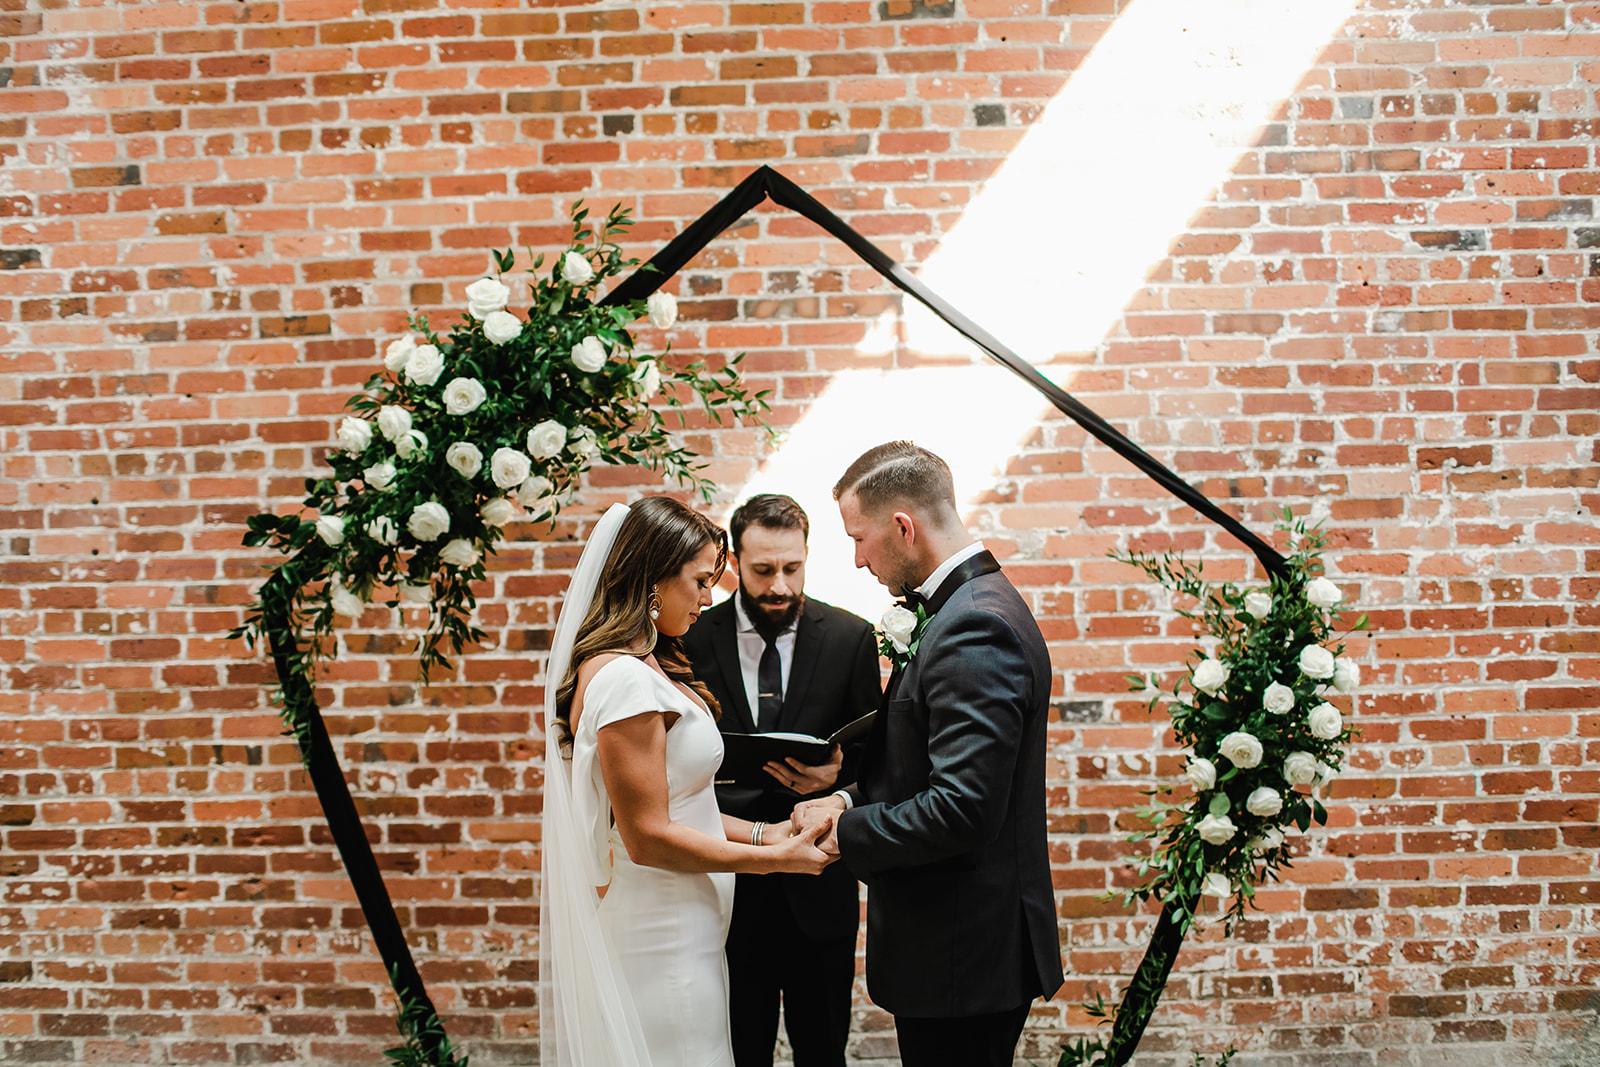 Victoria + Seth's Daytime Wedding Ceremony